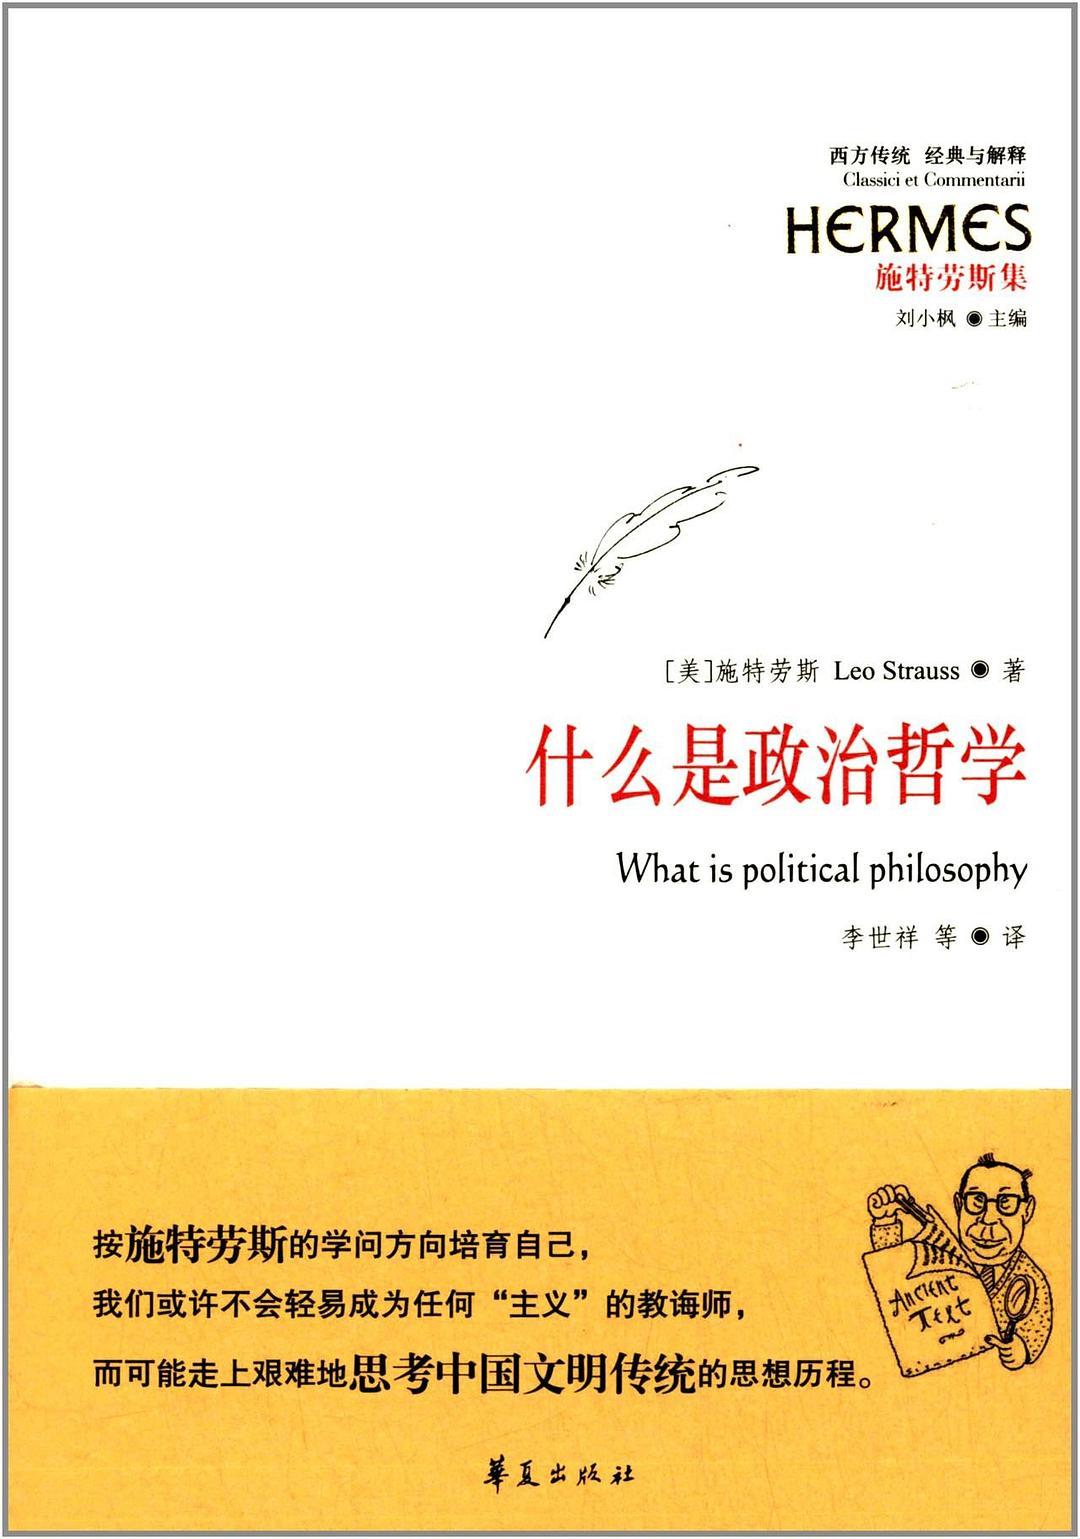 《什么是政治哲学》(图)